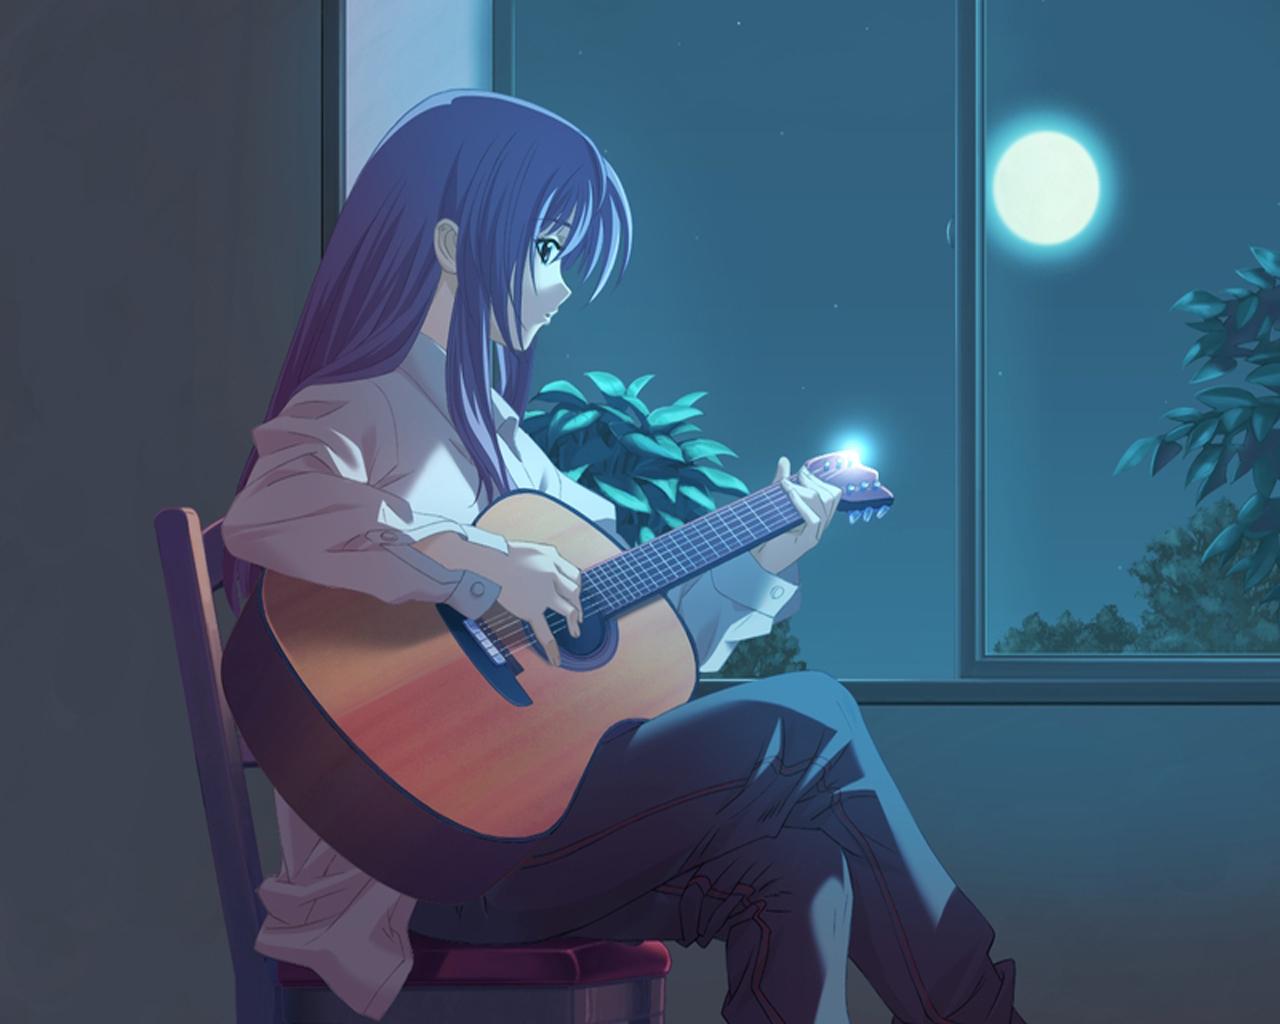 Аниме девушка с гитарой - обои